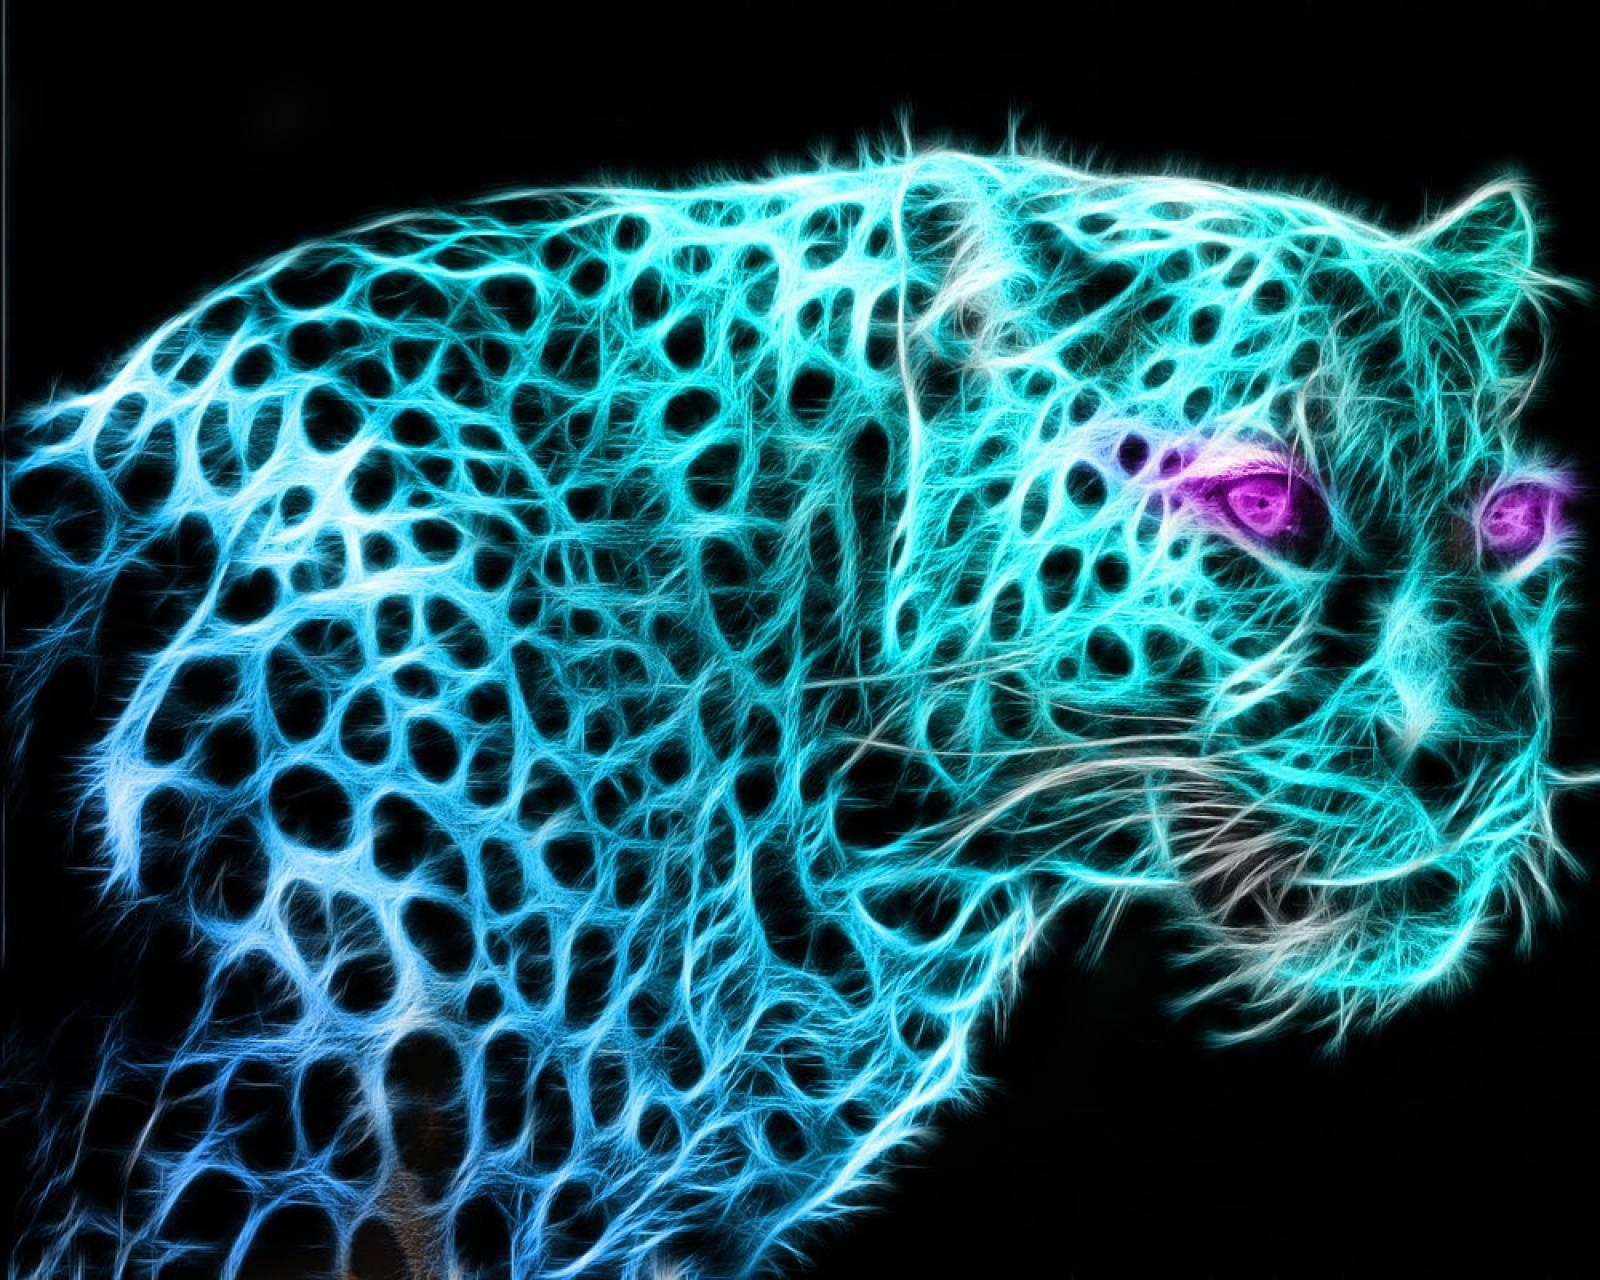 Leopard fractal